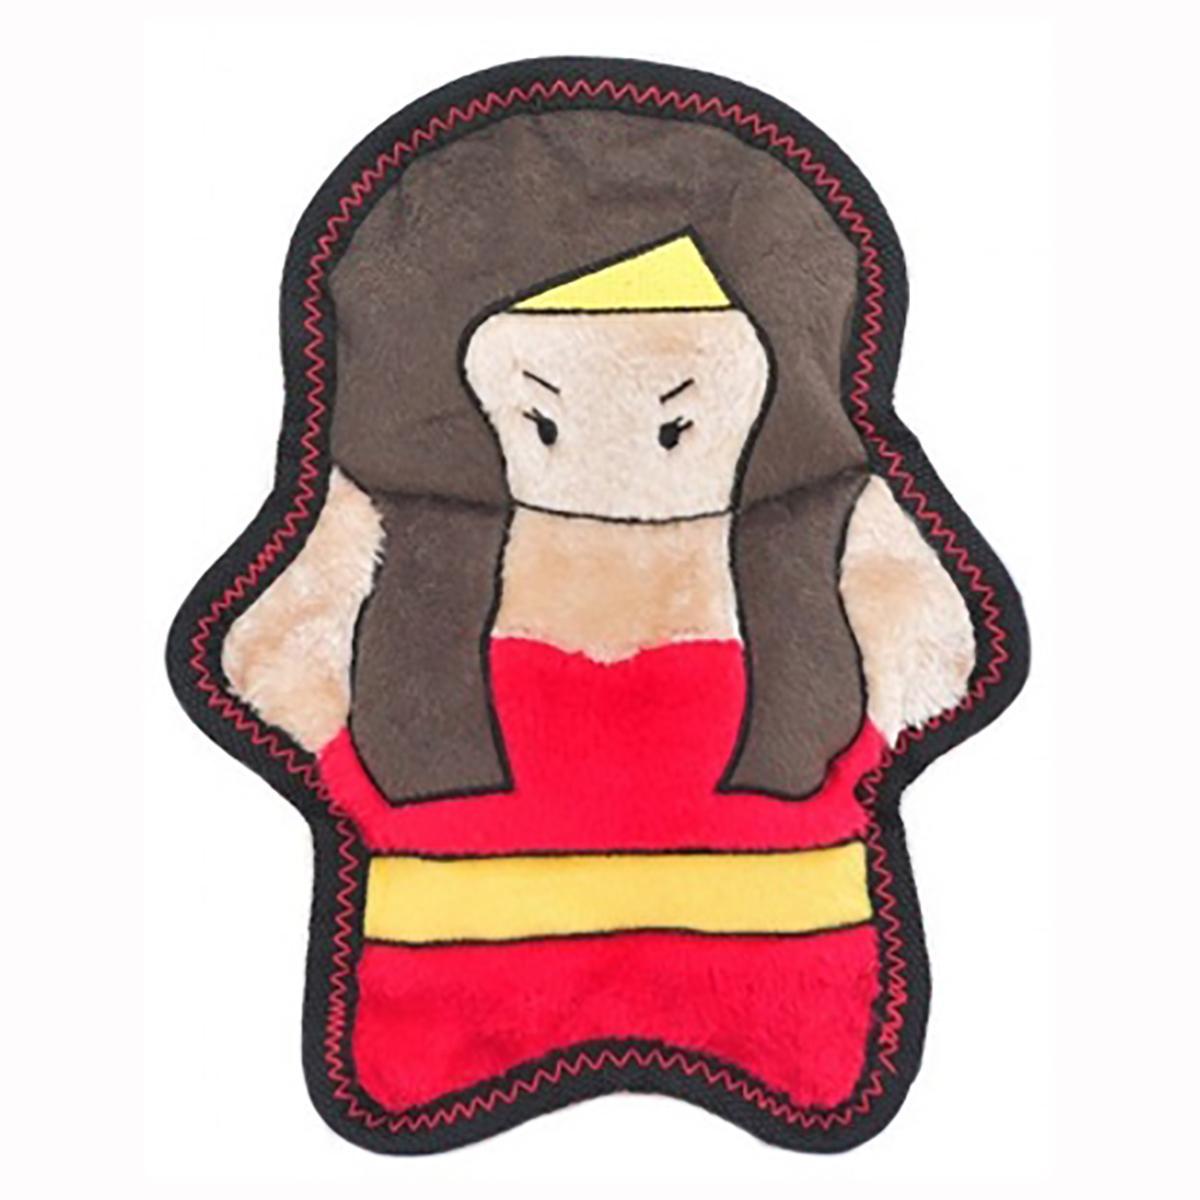 ZippyPaws Warriorz with Z-Stitch Dog Toy - Helena the Heroine